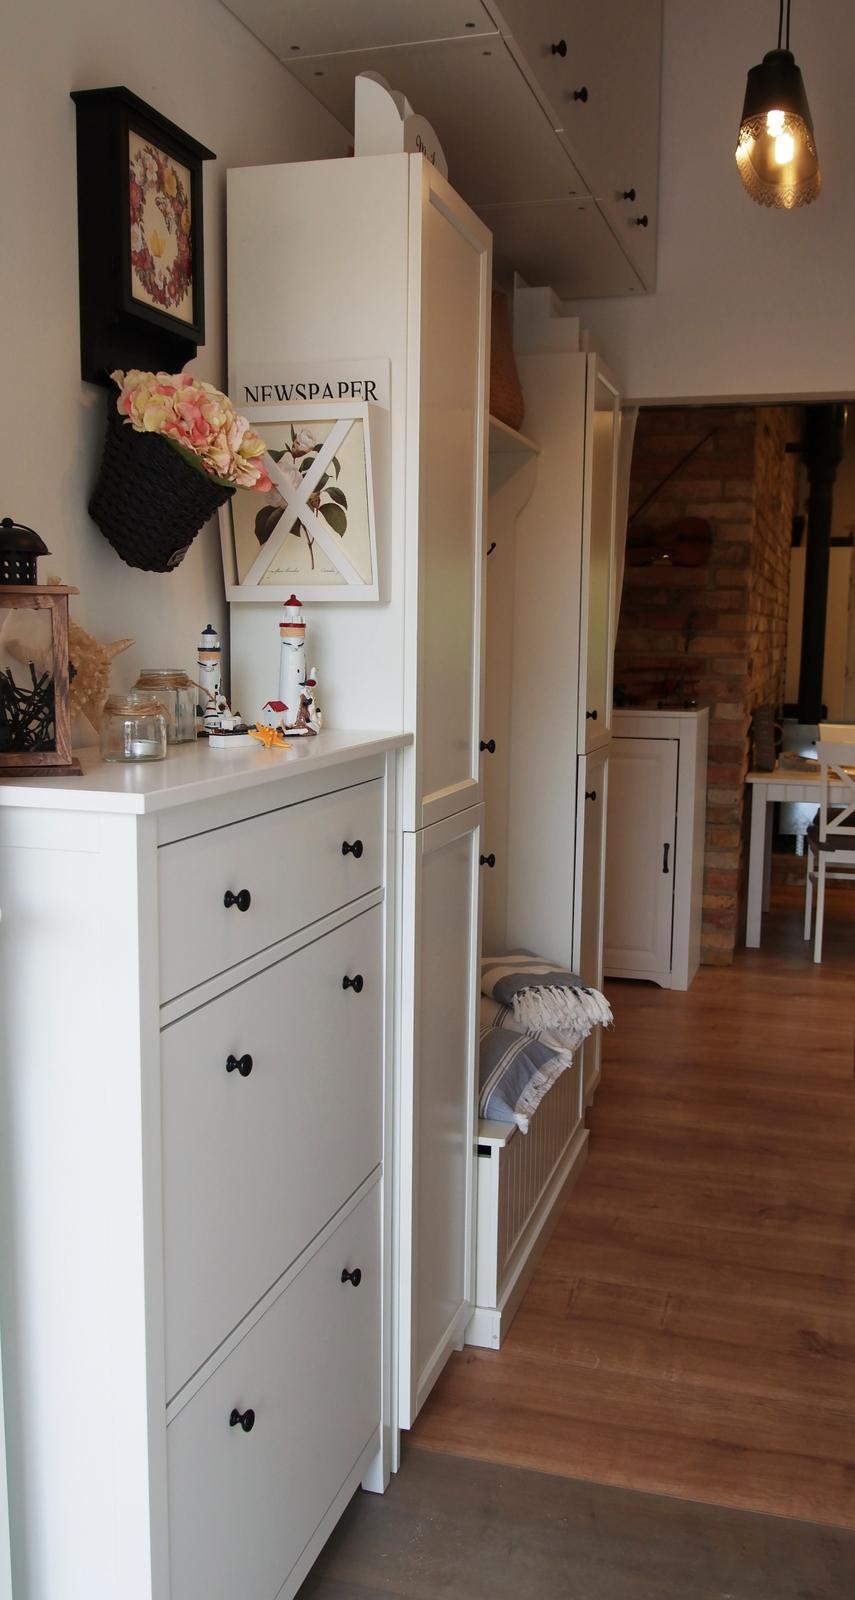 Náš domček ♡ Bramasole ♡ ... Stilo interiér aj exteriér 3. rok bývania - Obrázok č. 44